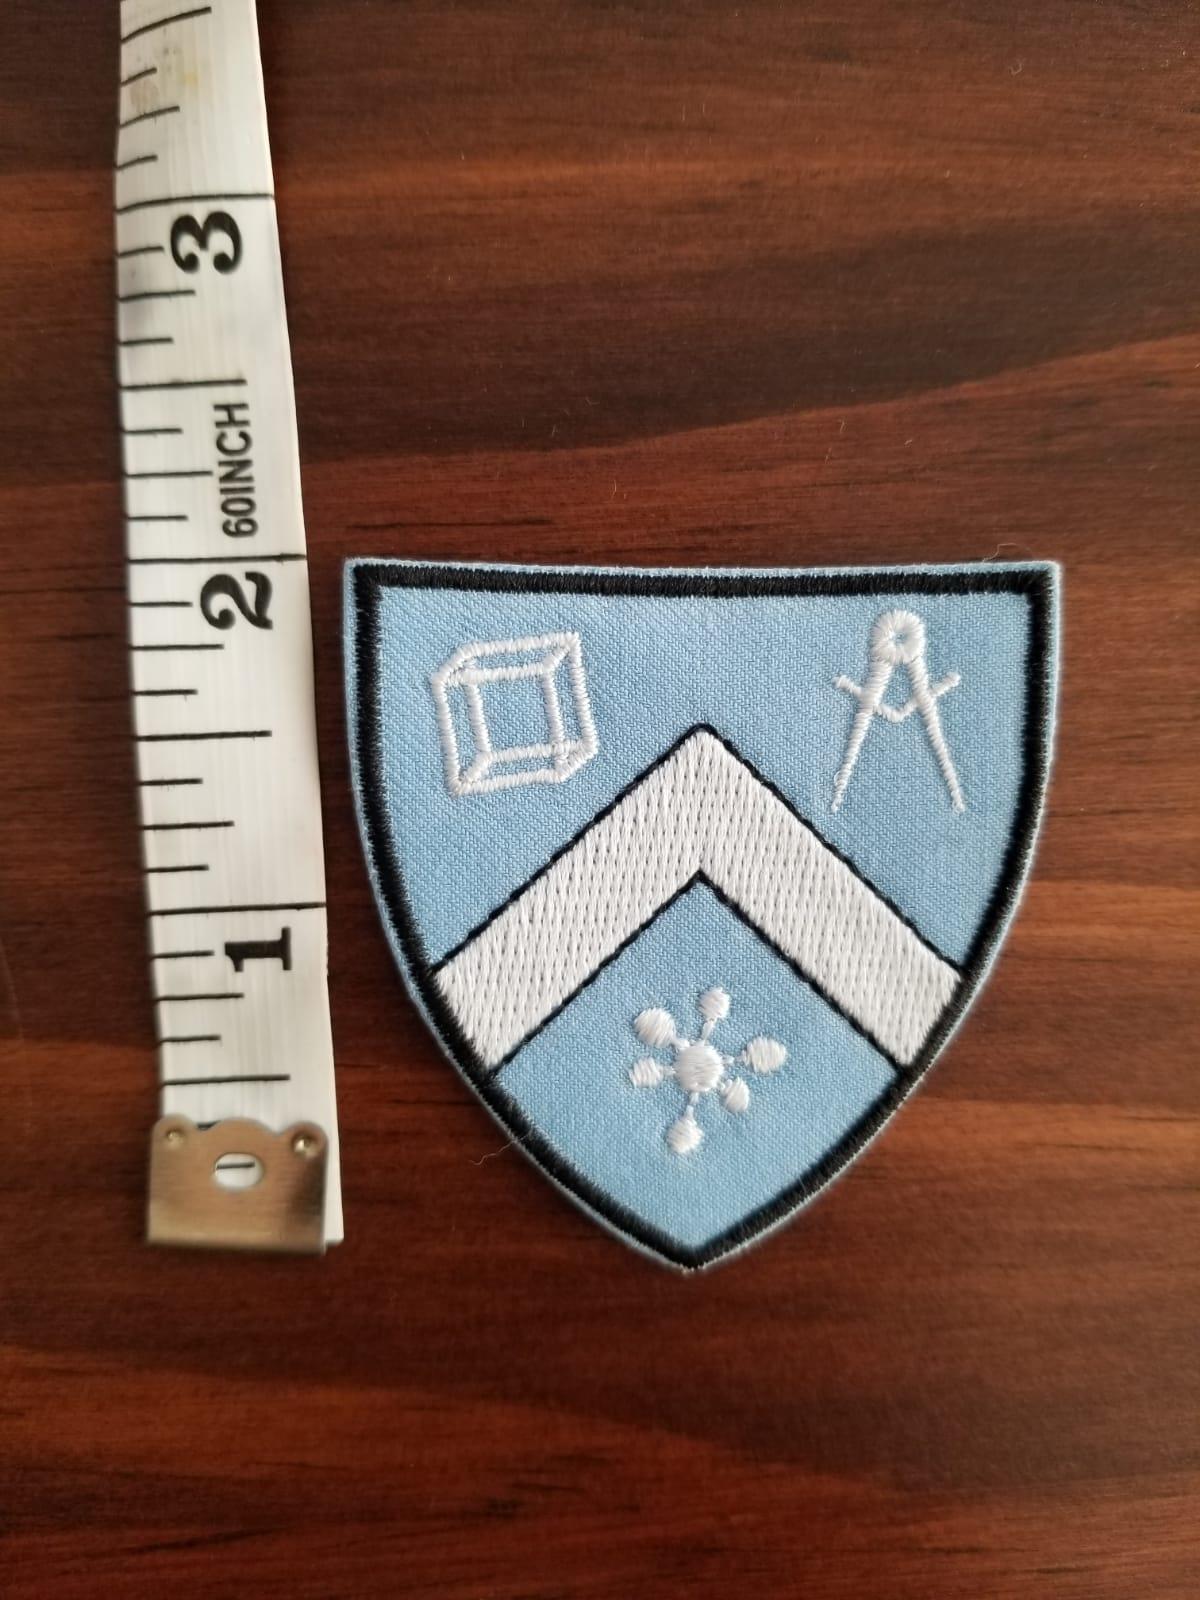 CSS emblem patch